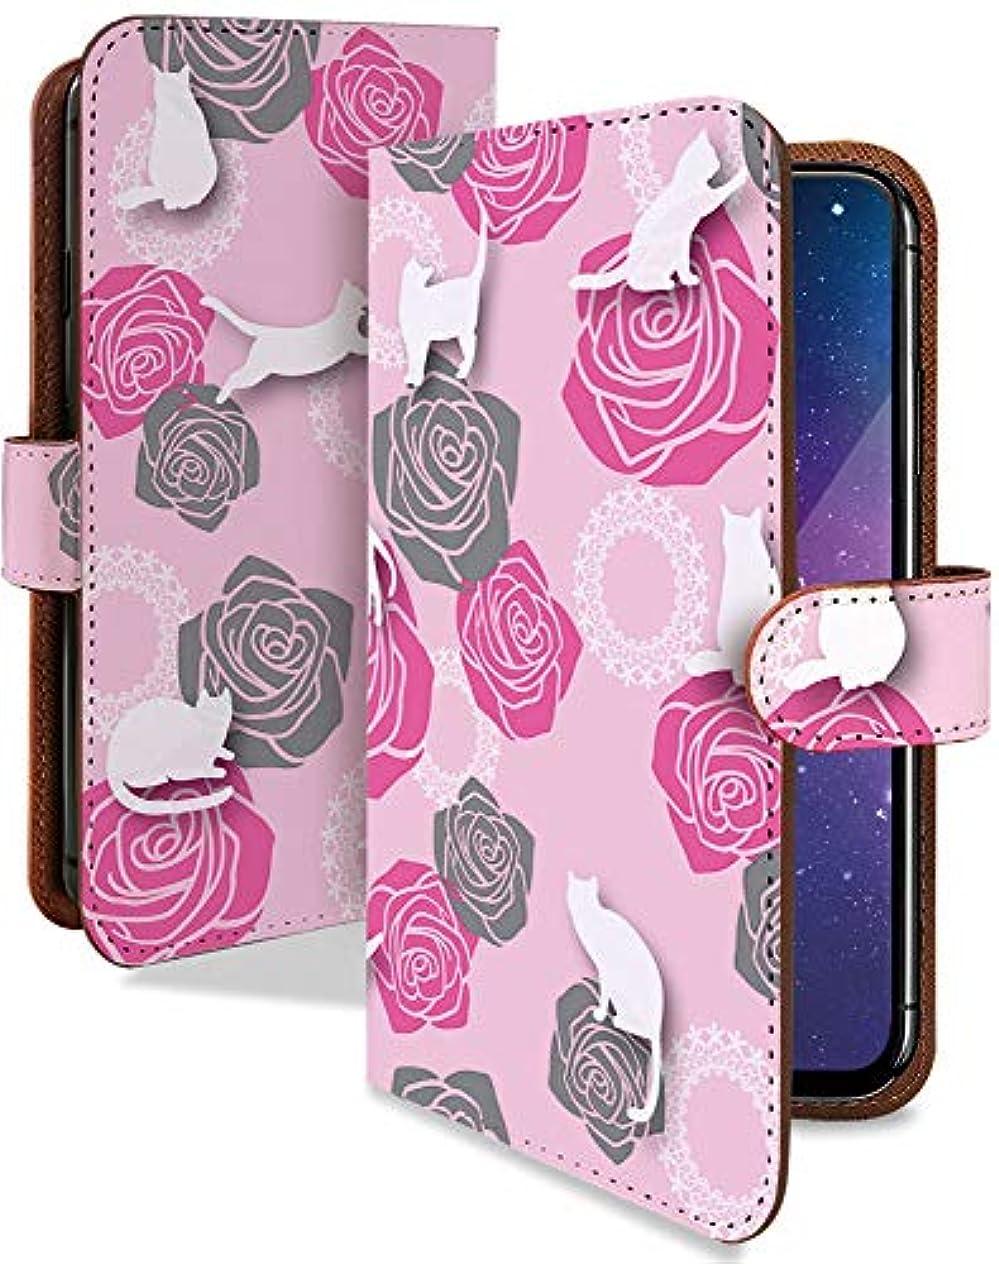 専門知識ハウス現実らくらくスマートフォン4 F-04J ケース 手帳型 猫 バラ ピンク 楽々ホン f04j レース ねこ 薔薇/t0523